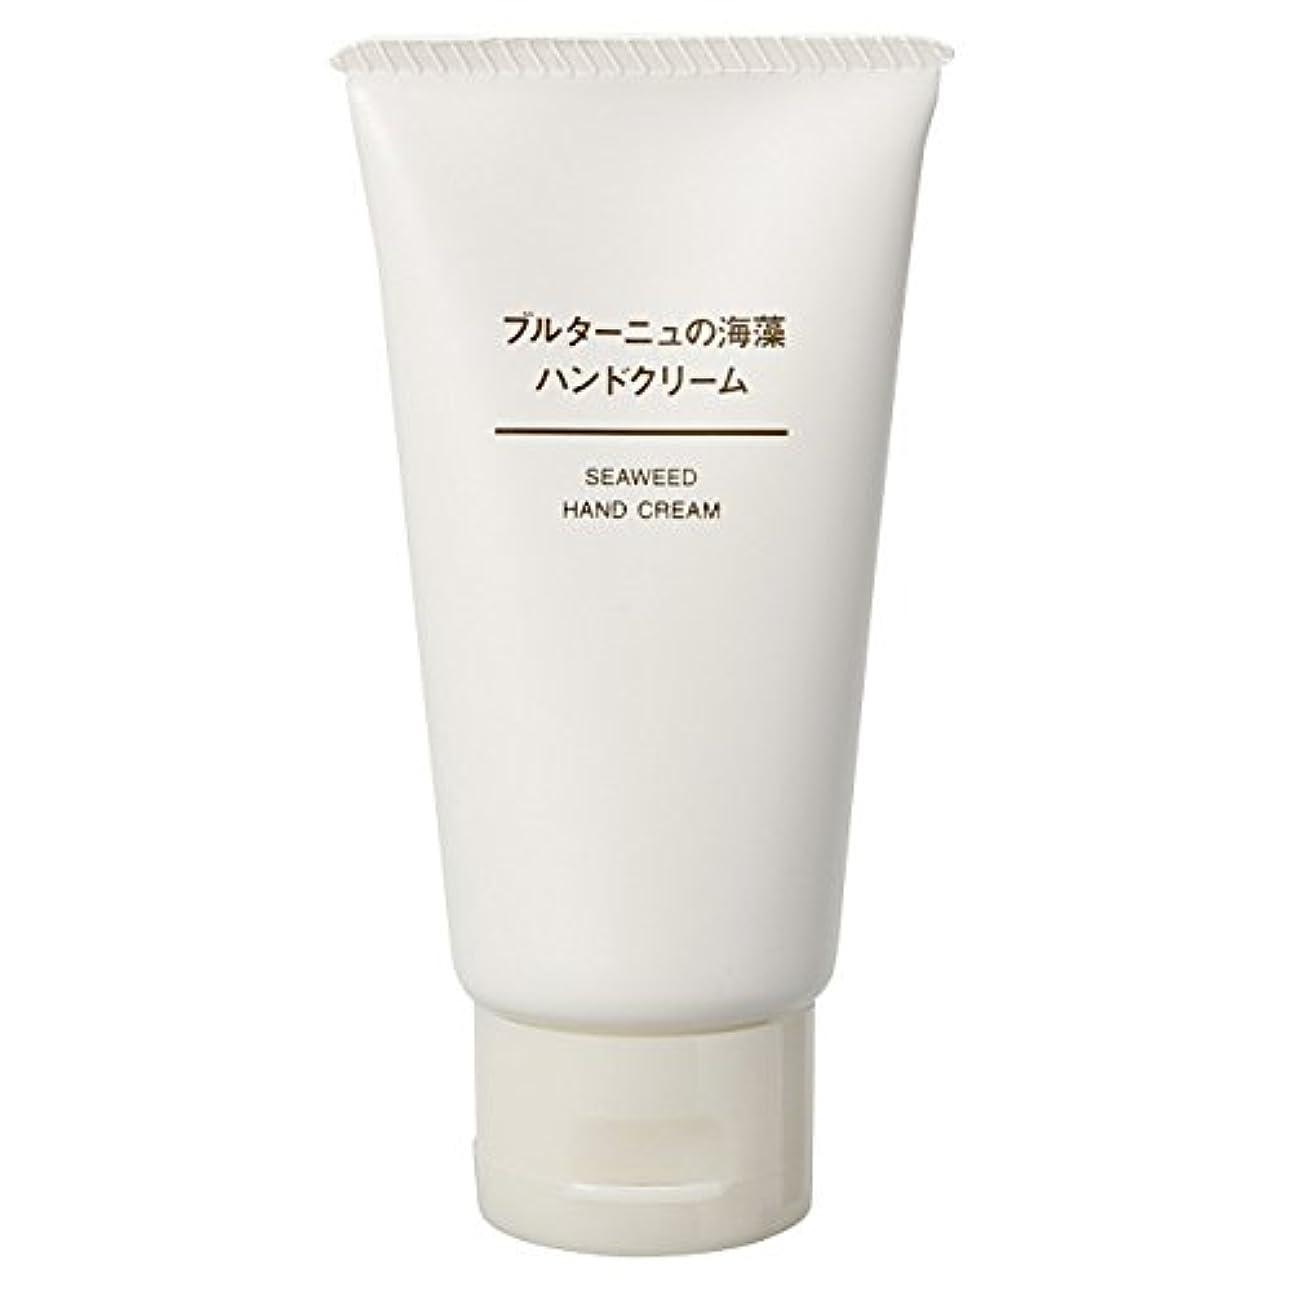 溶かす繊維フォロー無印良品 ブルターニュの海藻 ハンドクリーム 50g 日本製